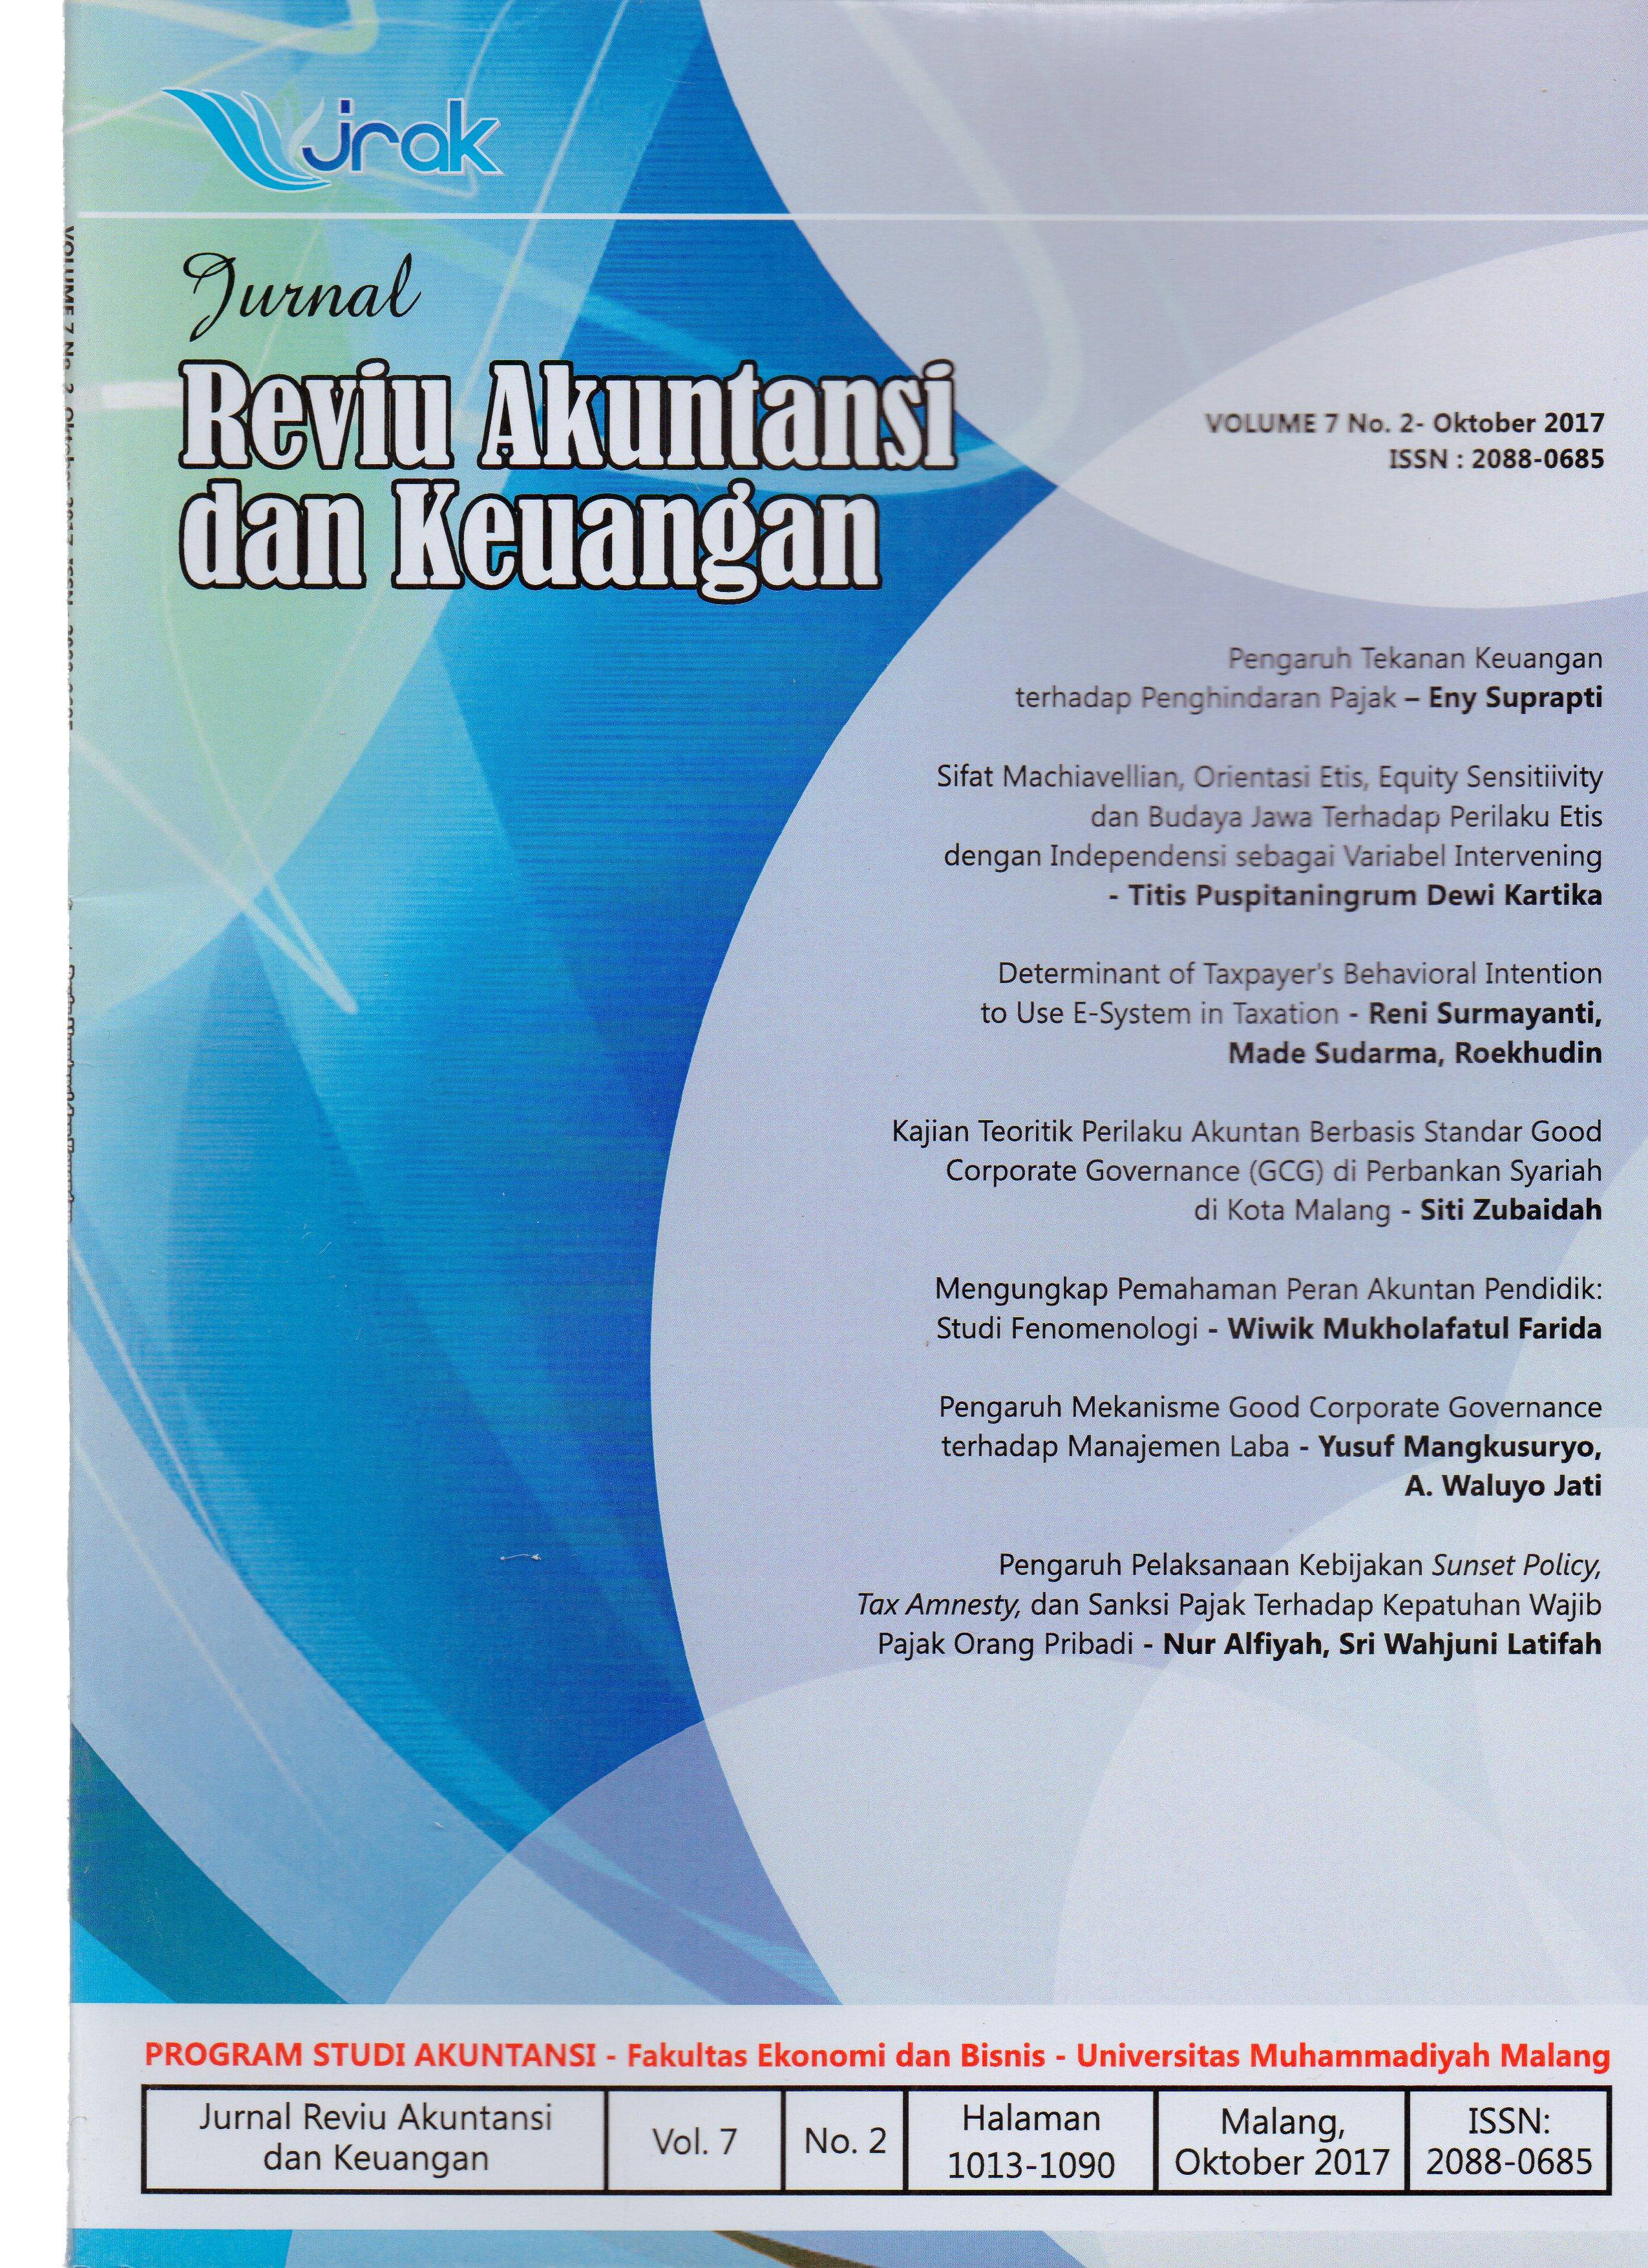 View Vol. 7 No. 2: Jurnal Reviu Akuntansi dan Keuangan